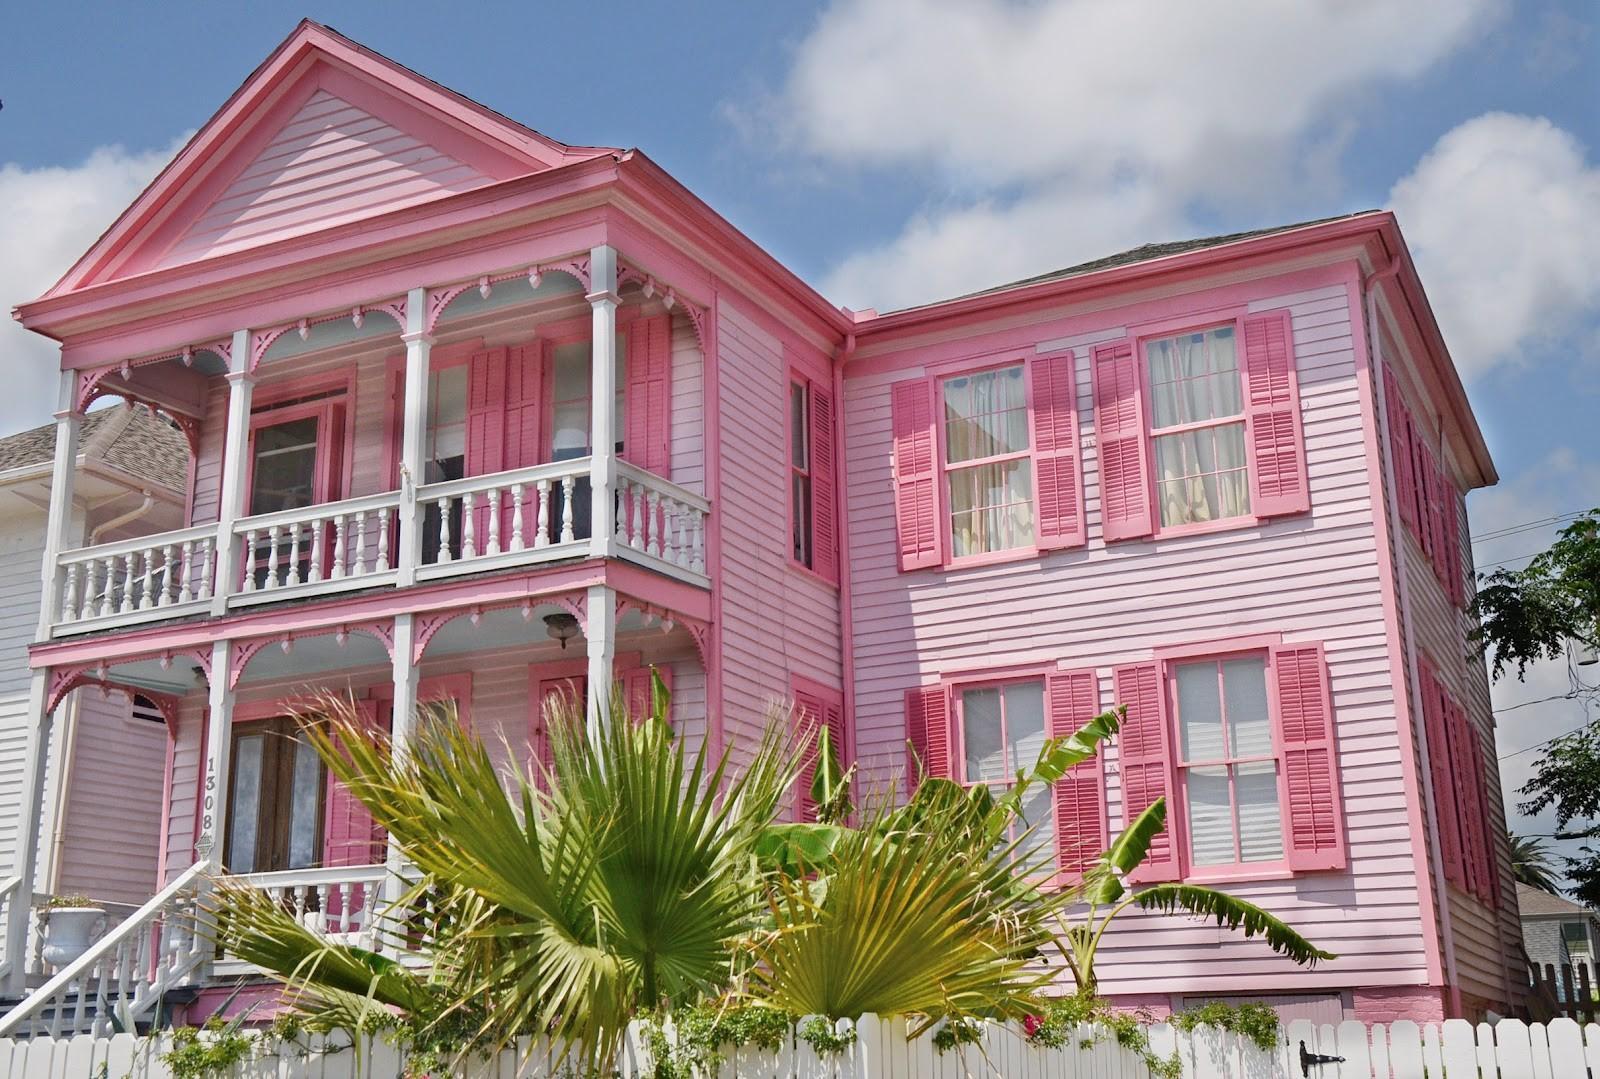 830 Gambar Rumah Kayu Sederhana Warna Pink HD